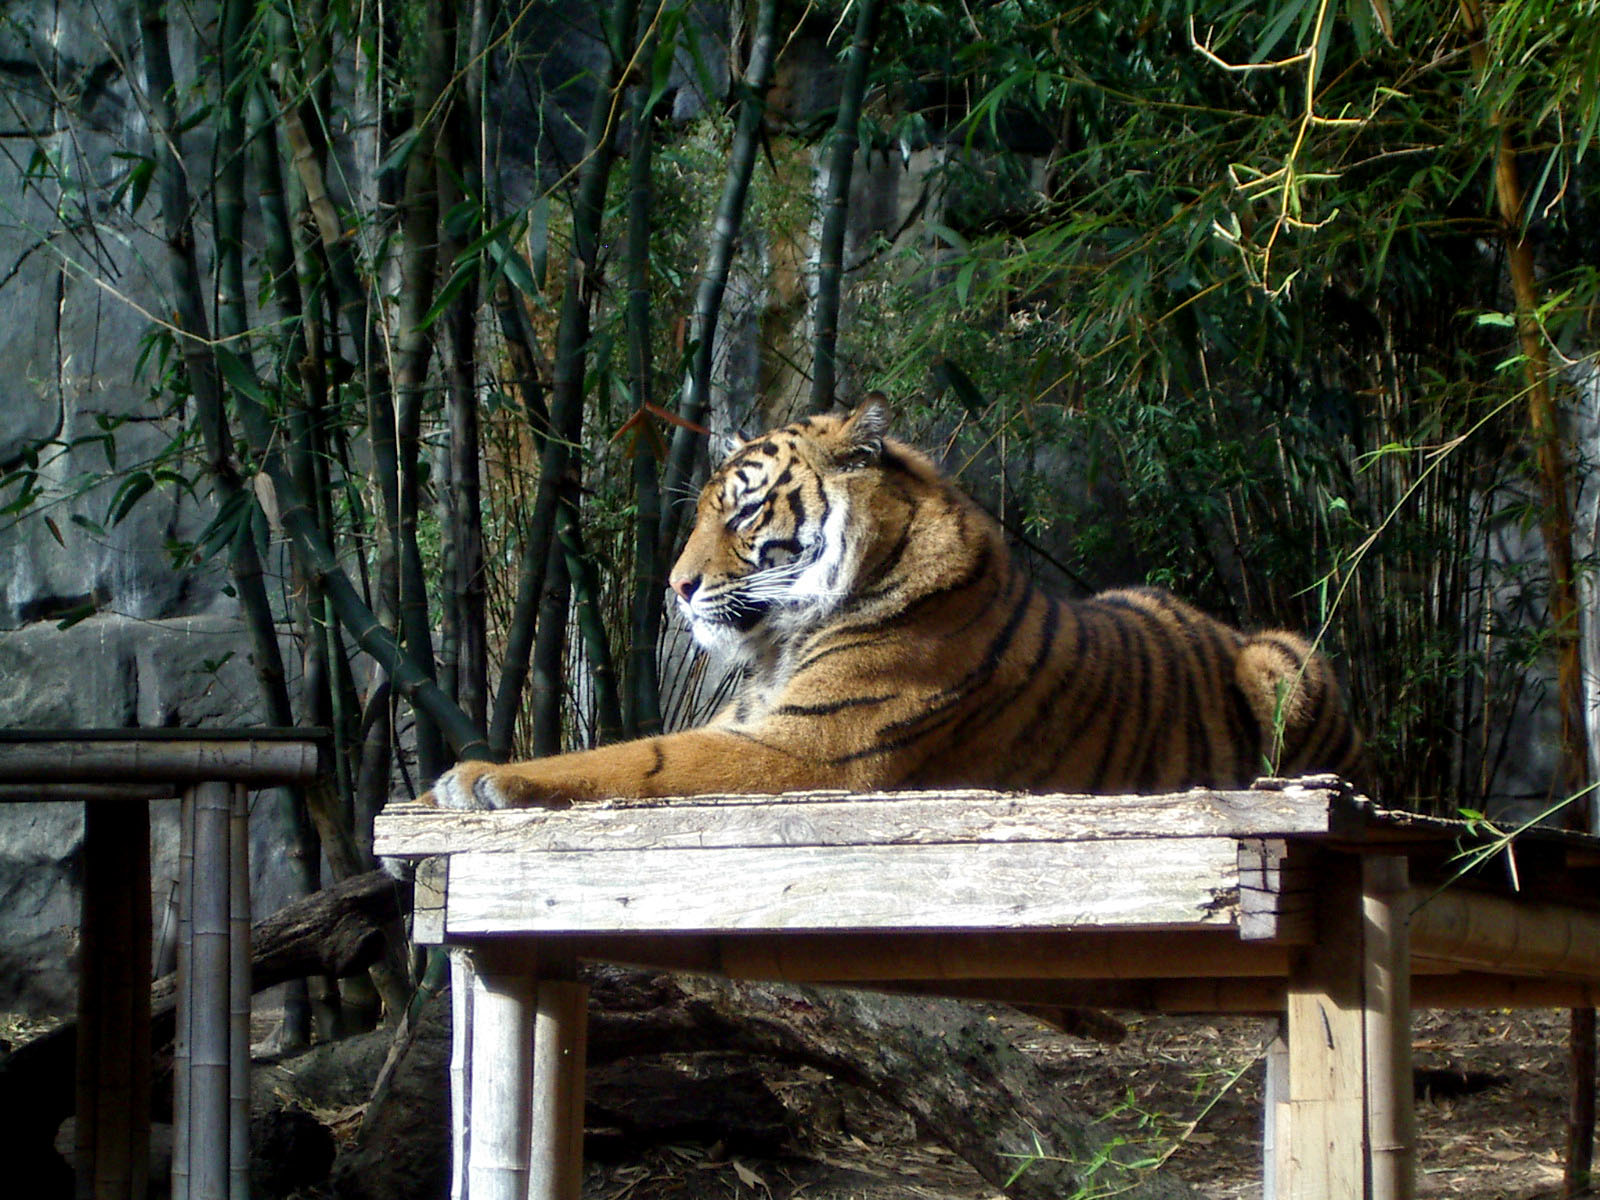 Tiger in Taronga Zoo